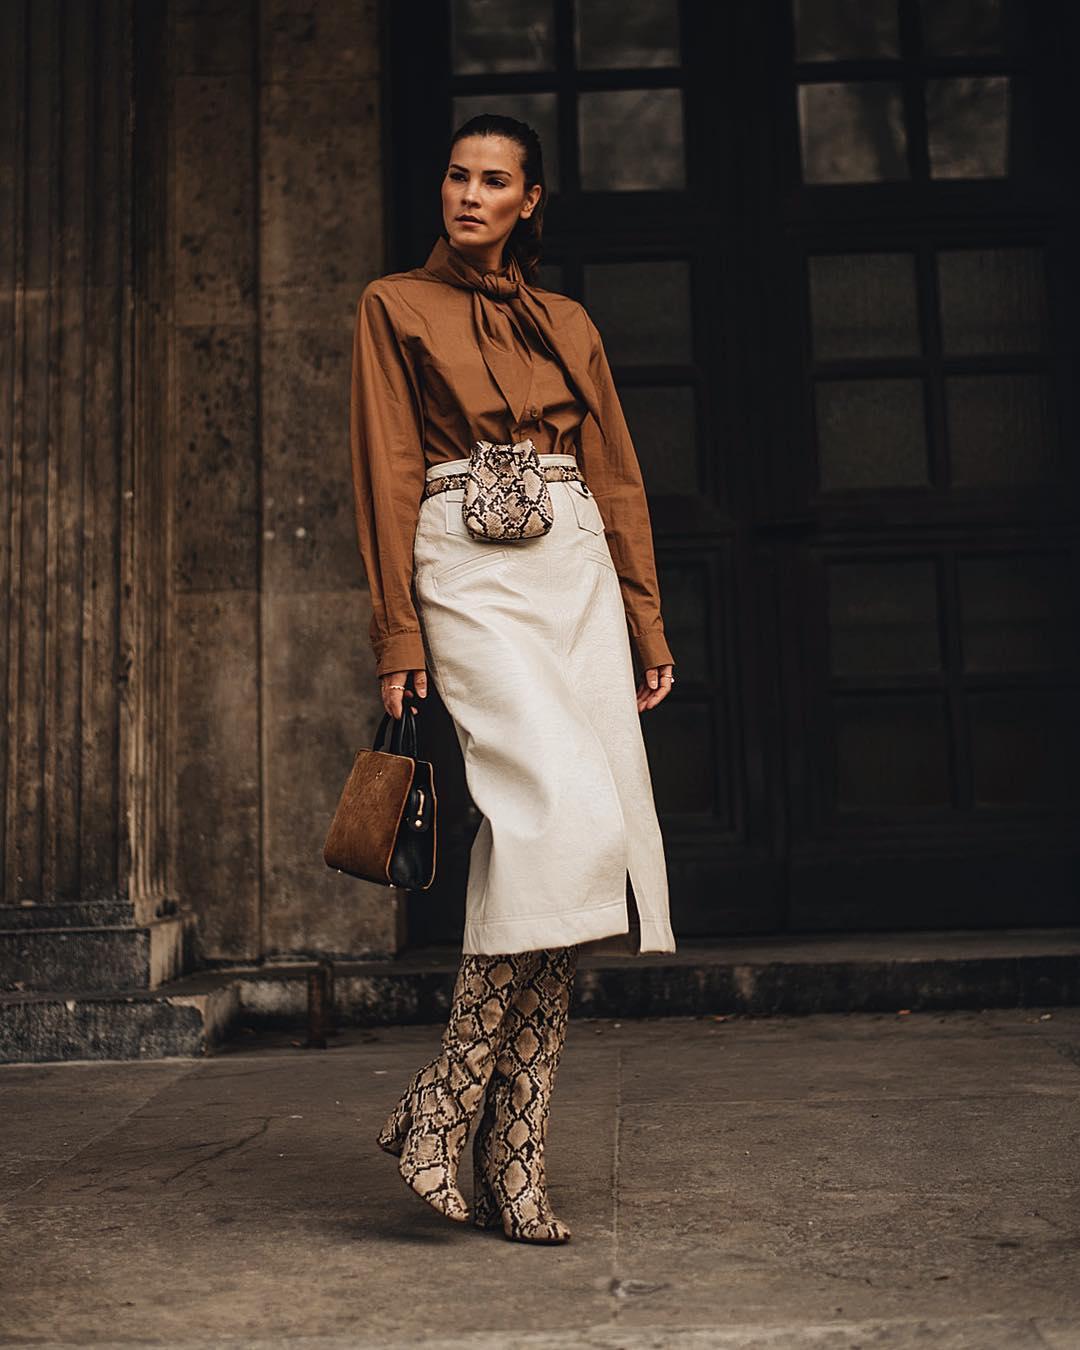 модные образы для бизнес-леди осень 2019 фото 12